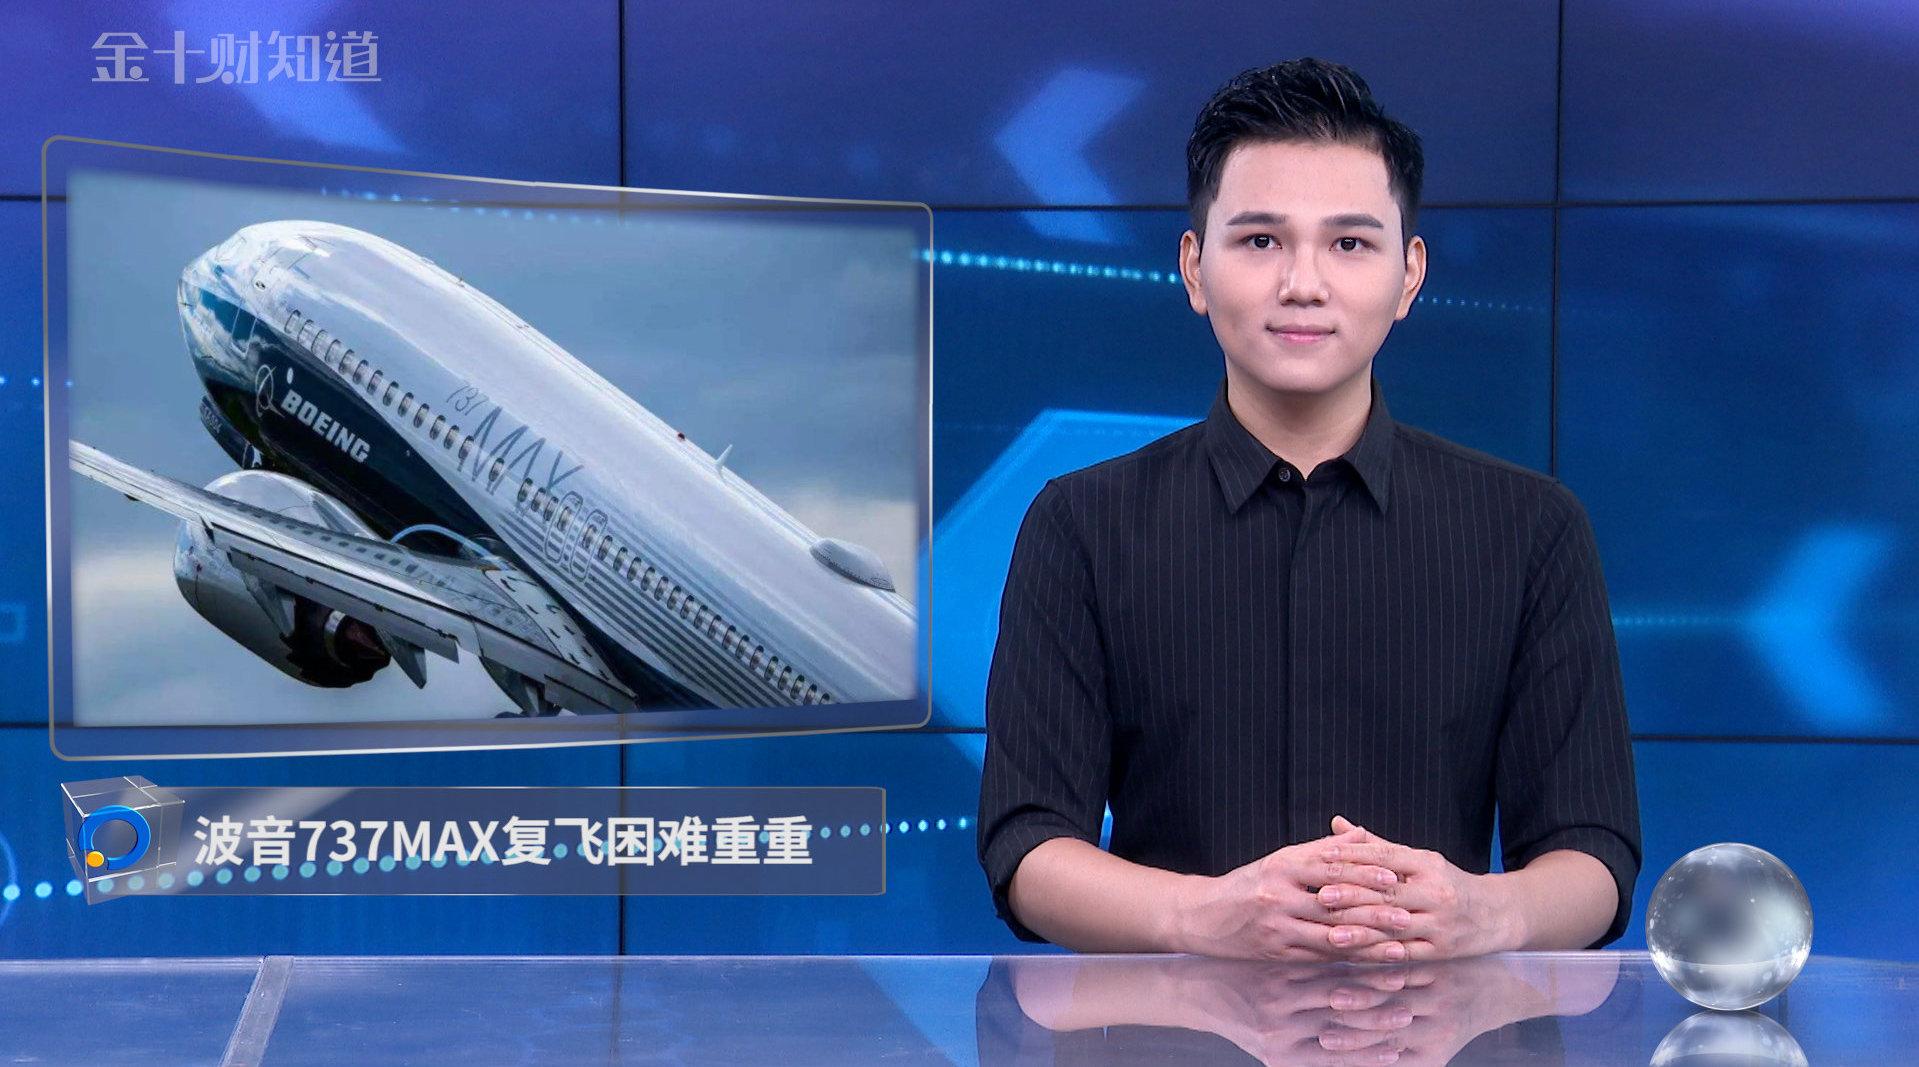 波音复飞困难重重,中国获596架飞机订单之际,美国却盯上空客?